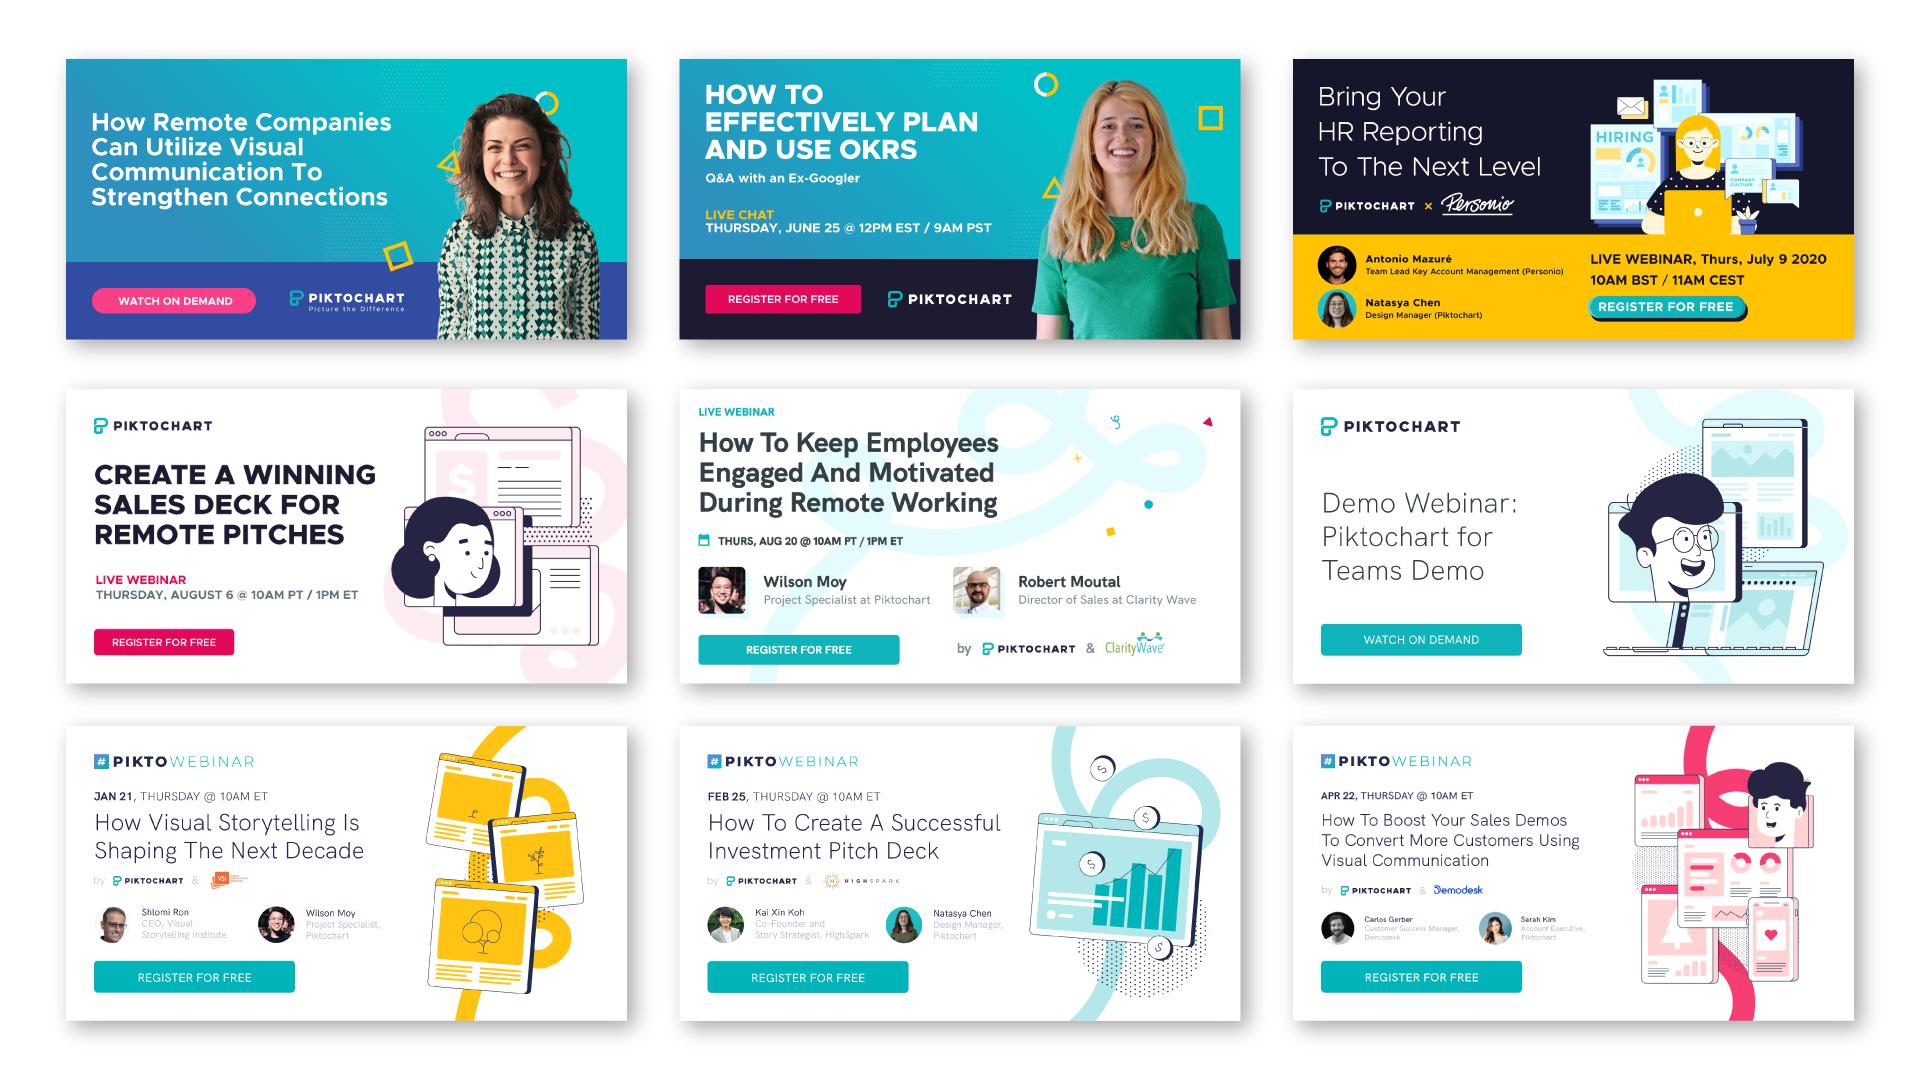 webinar promotion ideas using illustrations